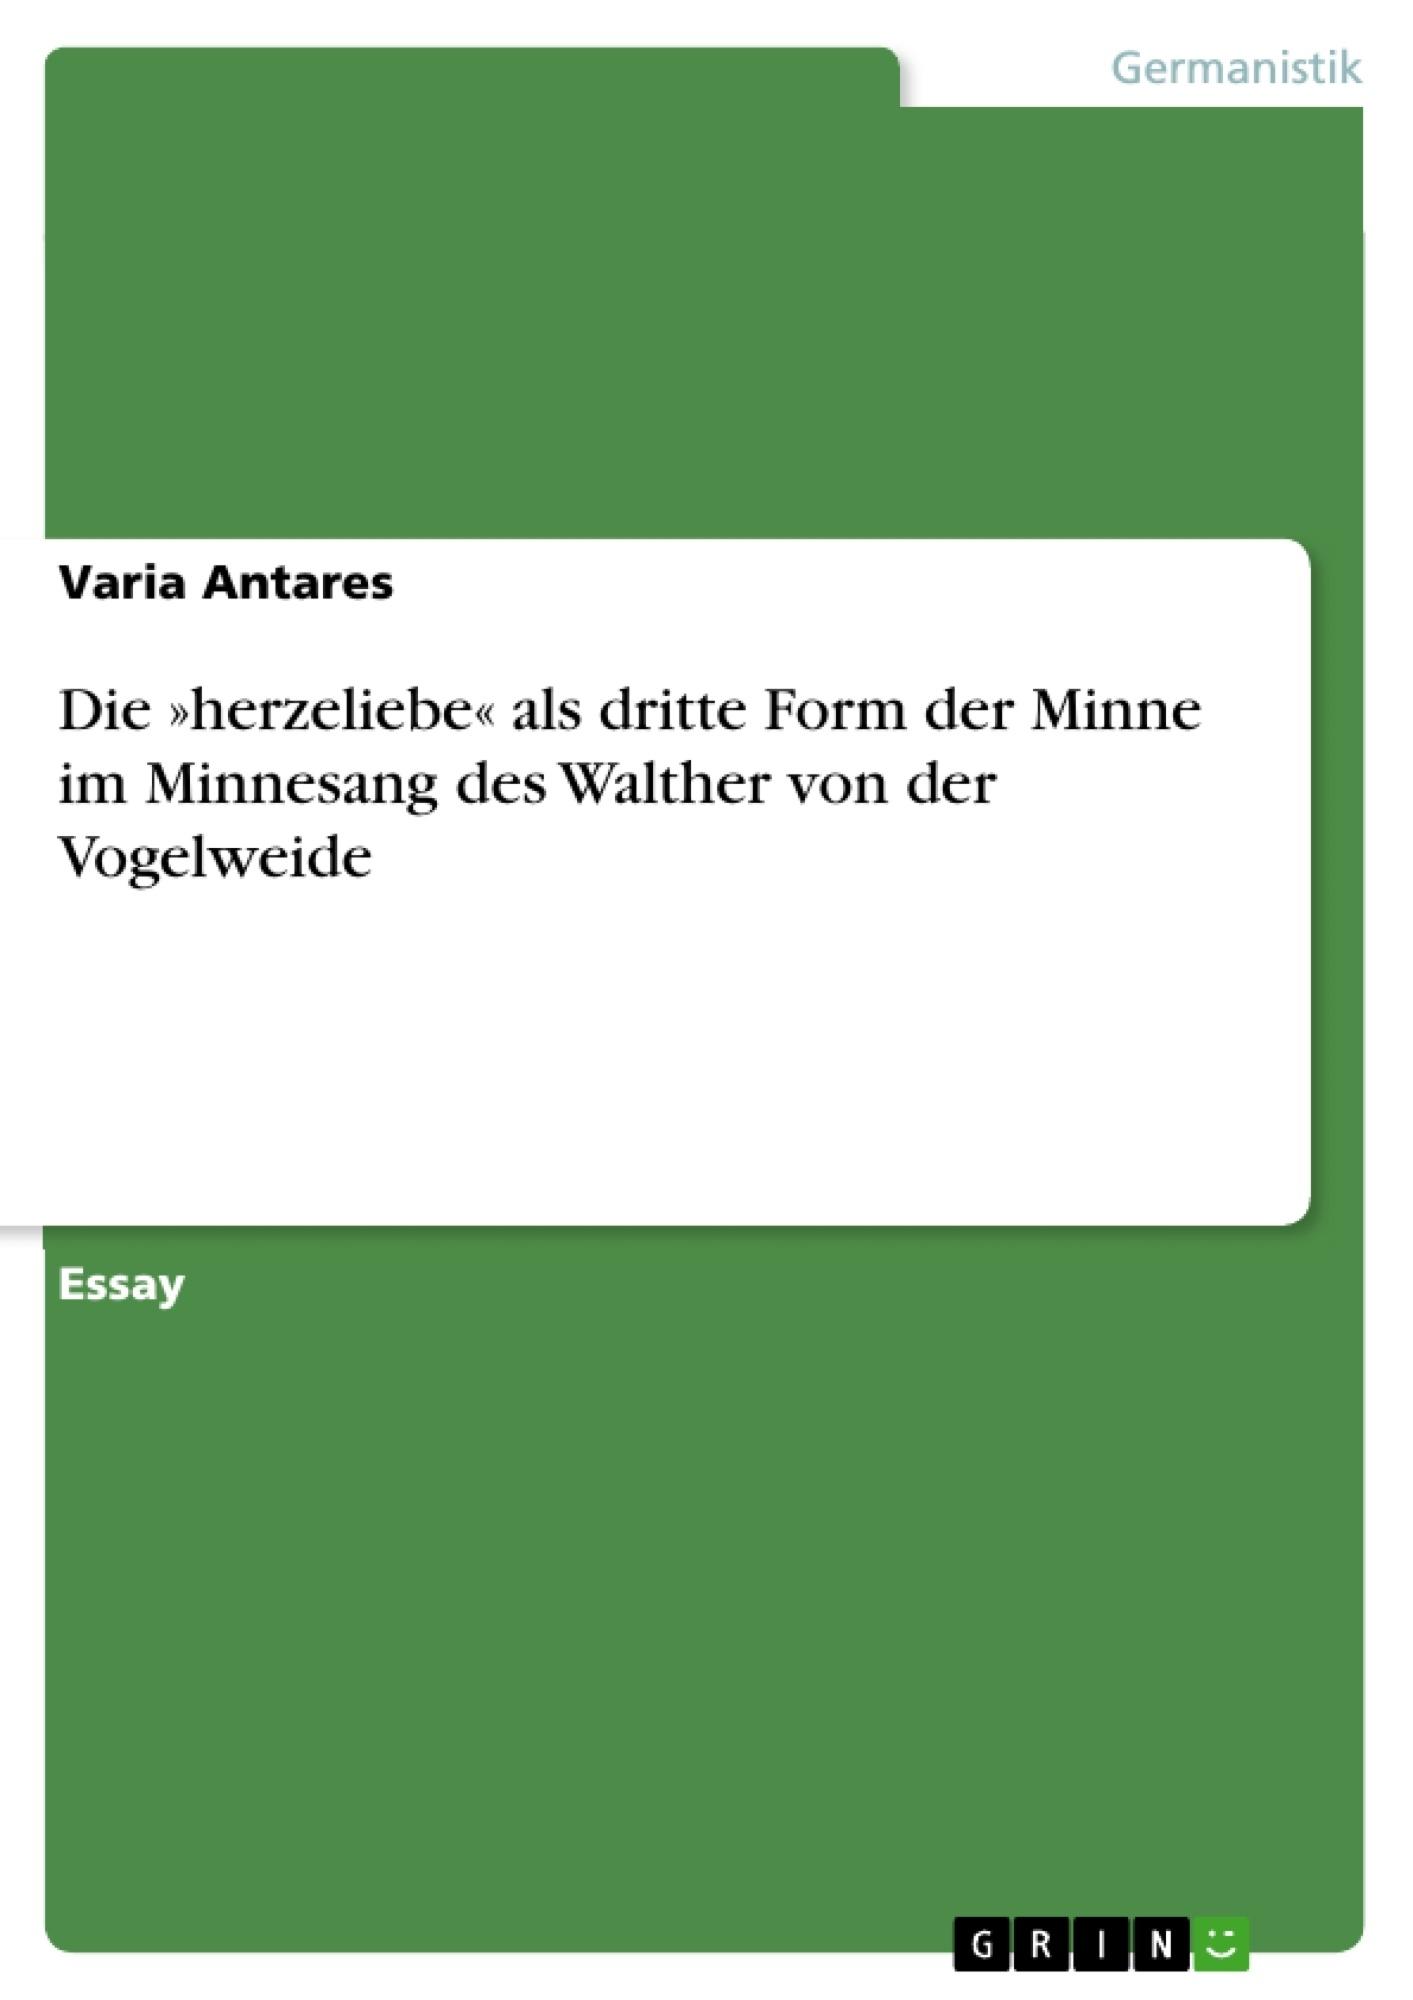 Titel: Die »herzeliebe« als dritte Form der Minne im Minnesang des Walther von der Vogelweide